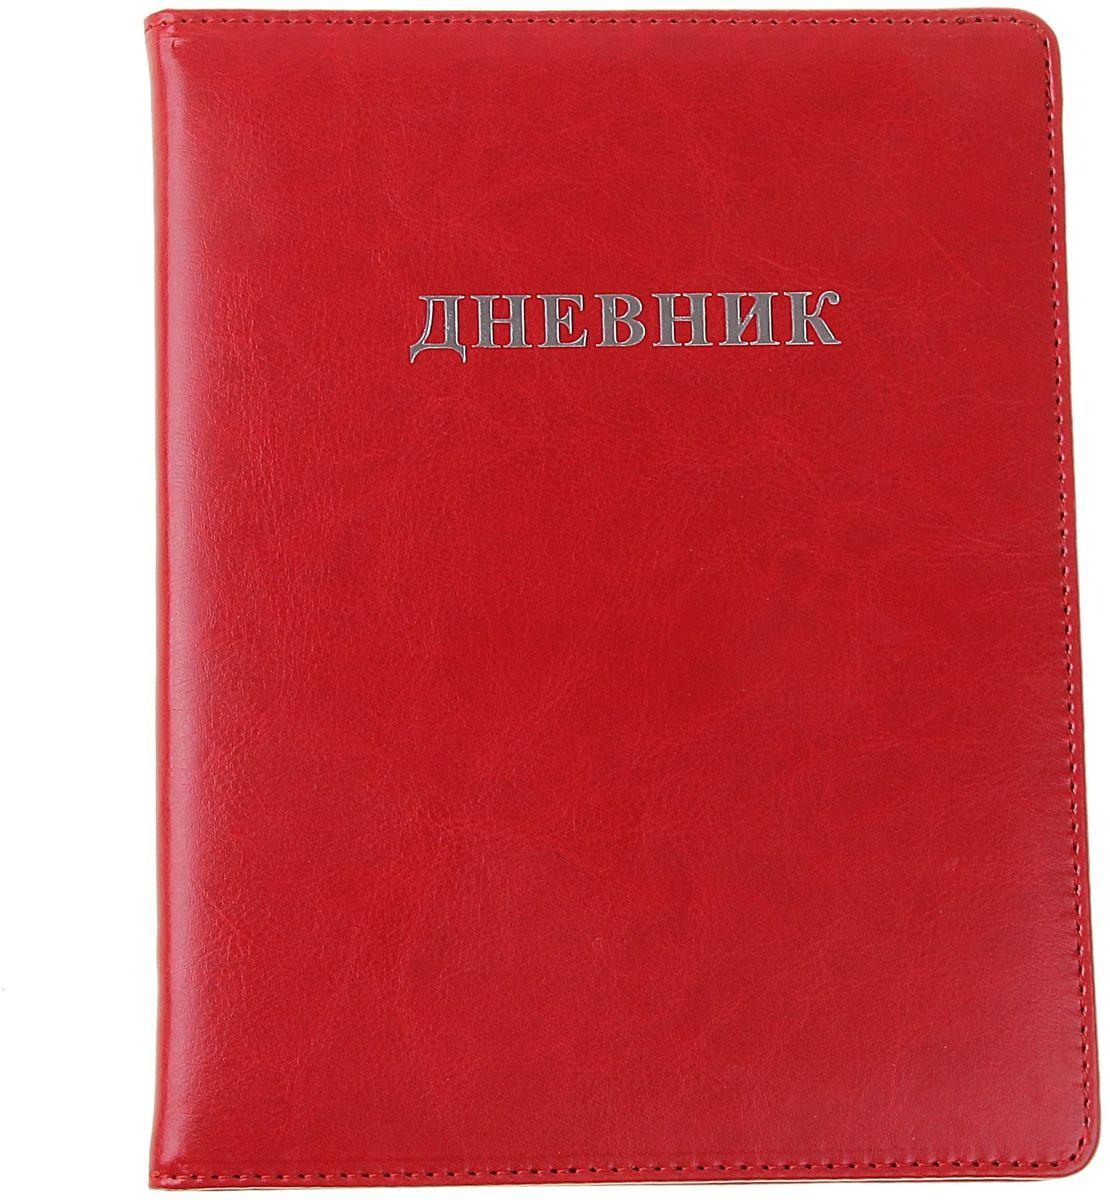 Дневник школьный Классика для 5-11 классов цвет красный спейс дневник школьный россия коллаж для 5 11 классов